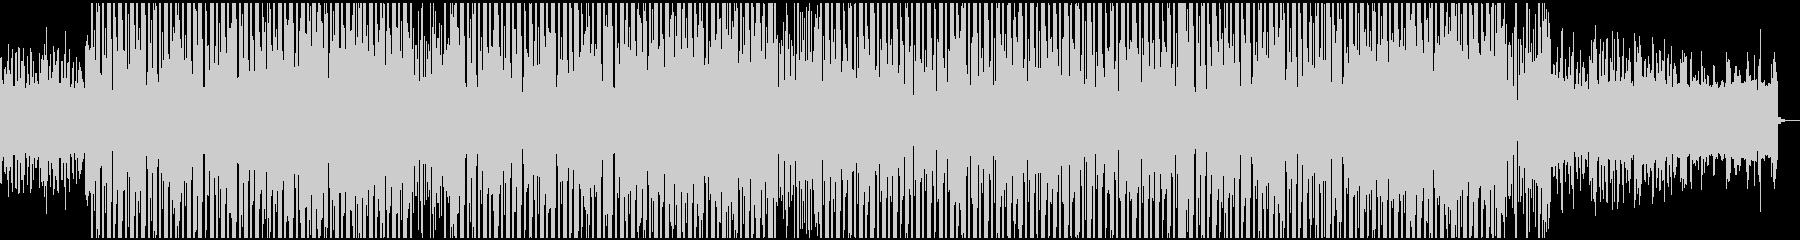 クールで軽快なbassmusic系EDMの未再生の波形